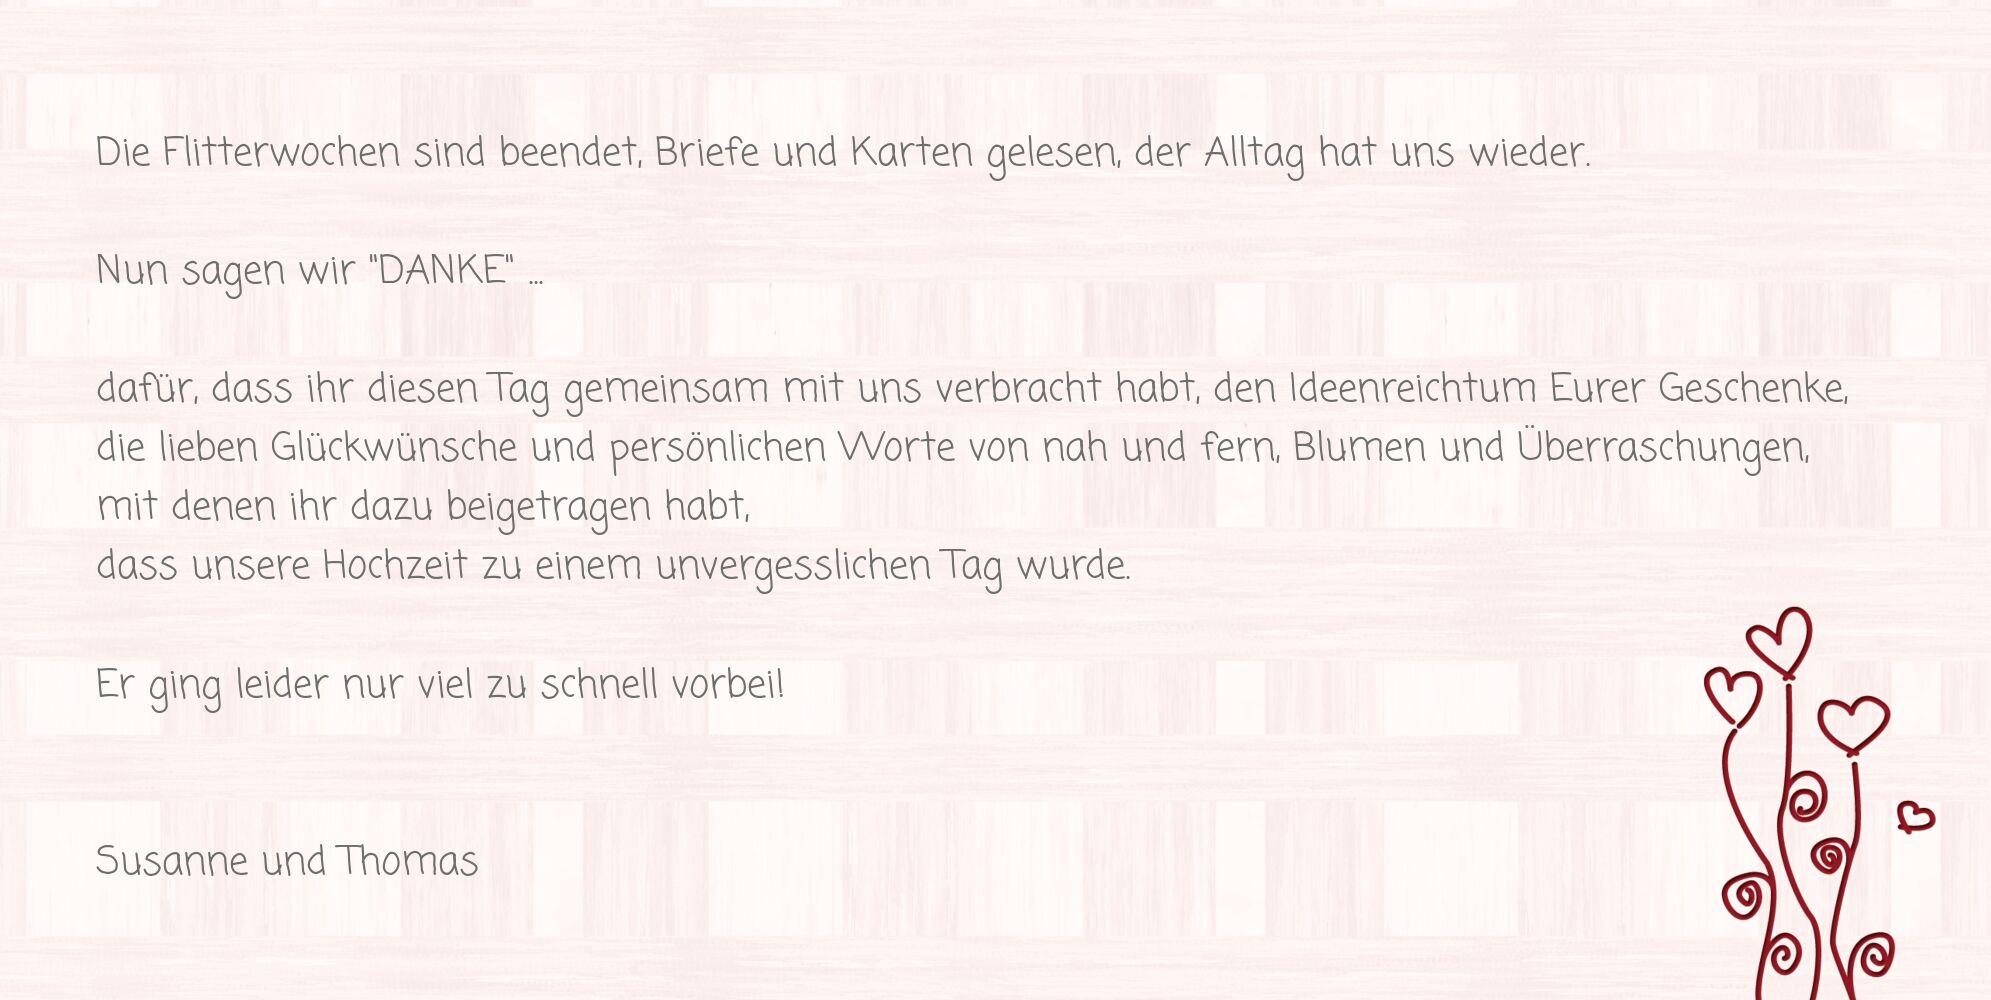 Ansicht 5 - Hochzeit Dankeskarte Liebestraum